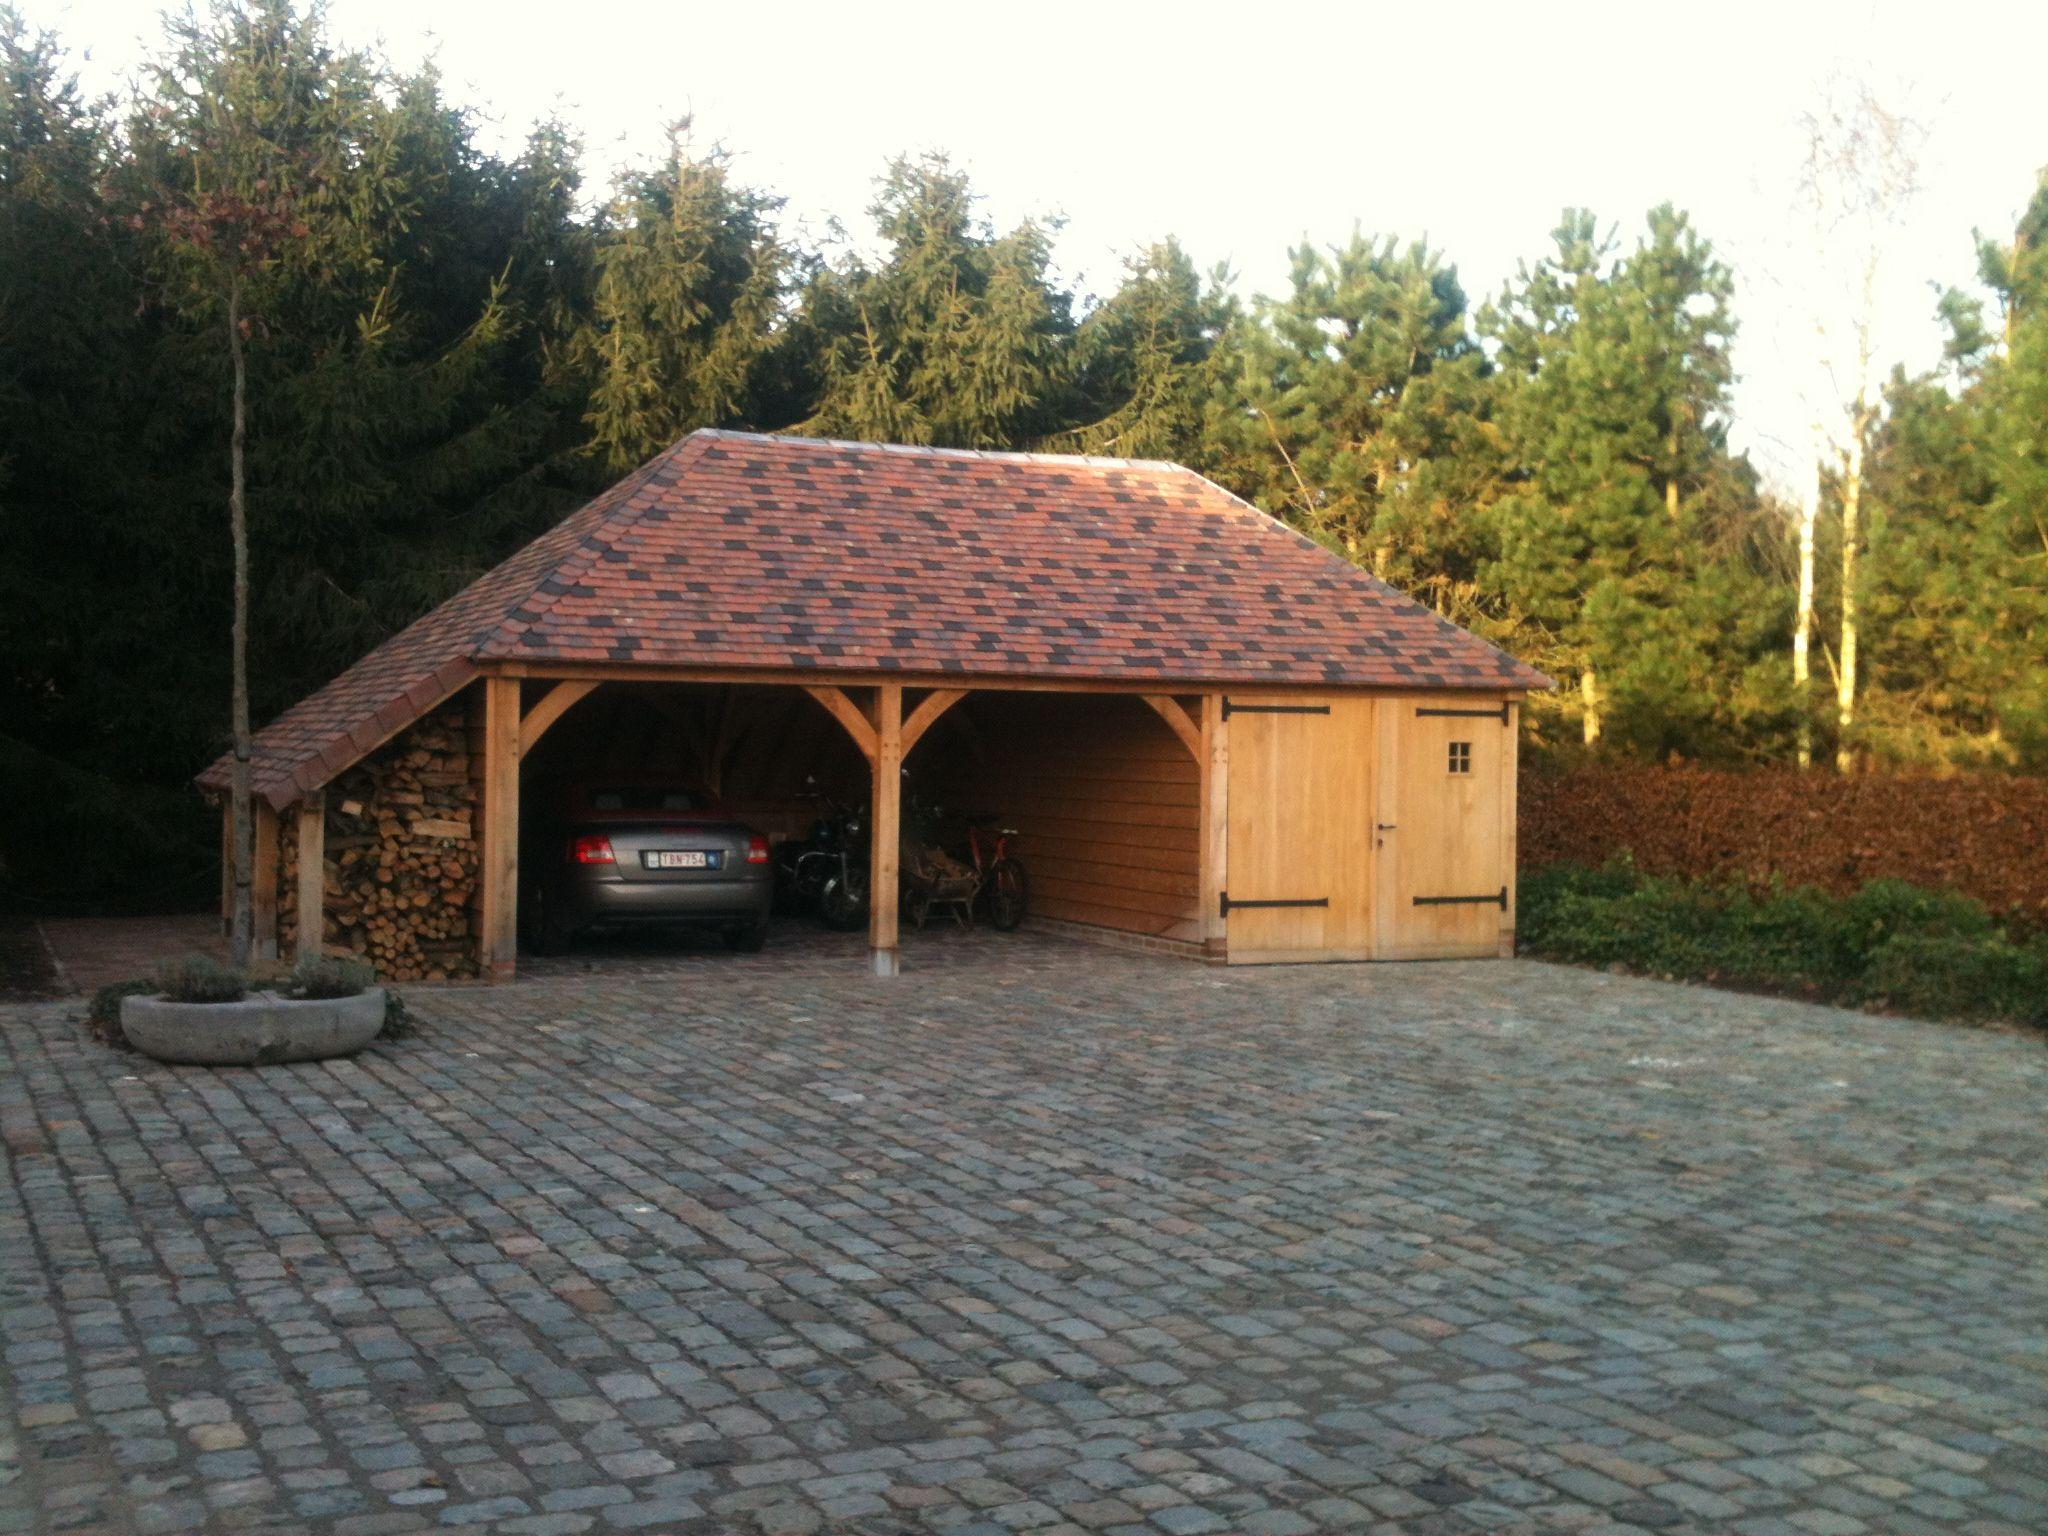 Dubbele carport met garage en houtberging. Het gebouw is afgewerkt met een schilddak waarbij is gekozen voor een nieuwe platte tegelpan met een verouderde look.